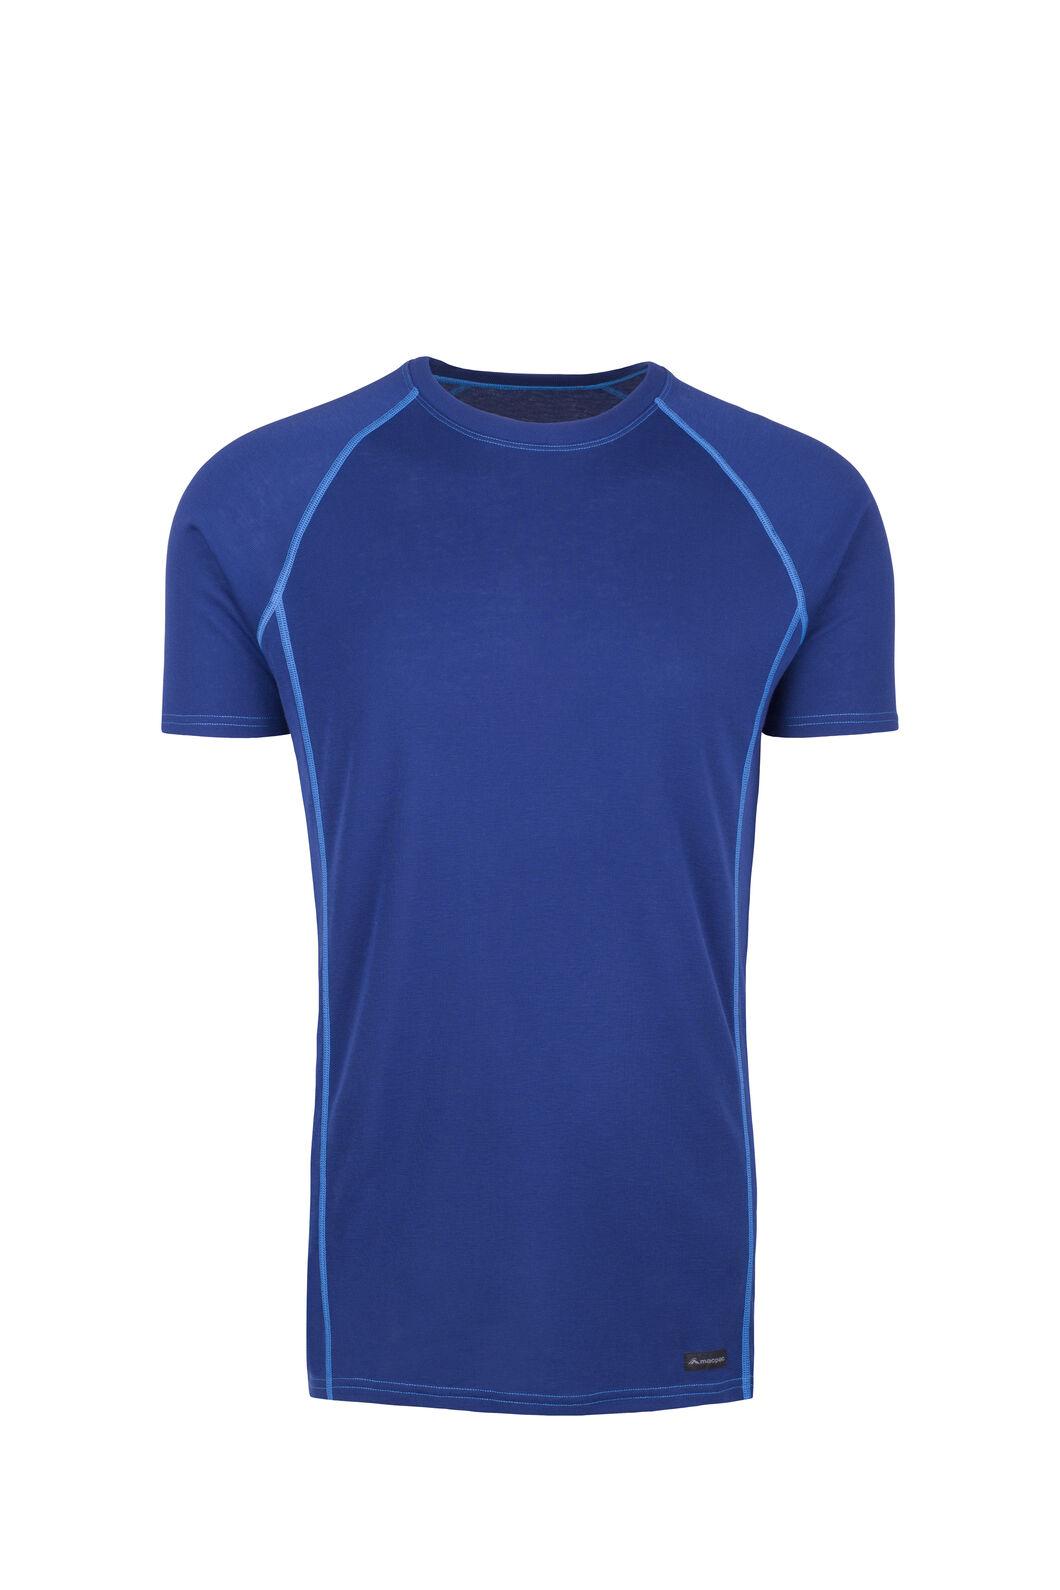 Macpac Geothermal Short Sleeve Top - Men's, Blue Depths/Skydiver, hi-res